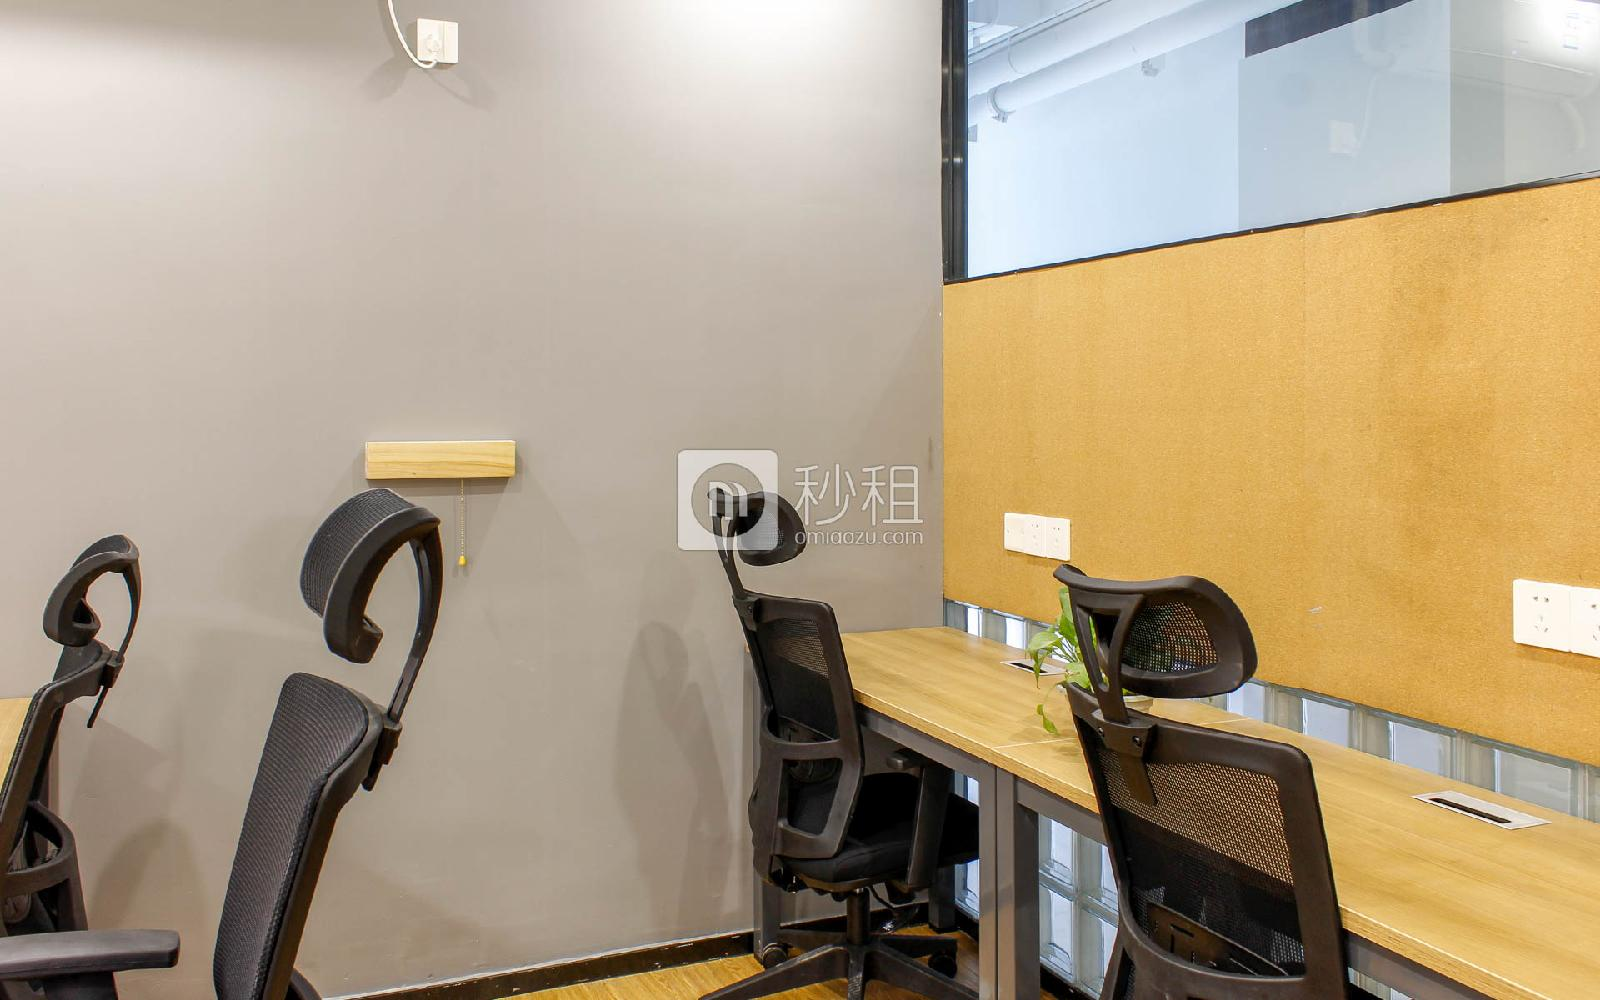 众里创业社区(兴东)写字楼出租5平米精装办公室950元/工位.月